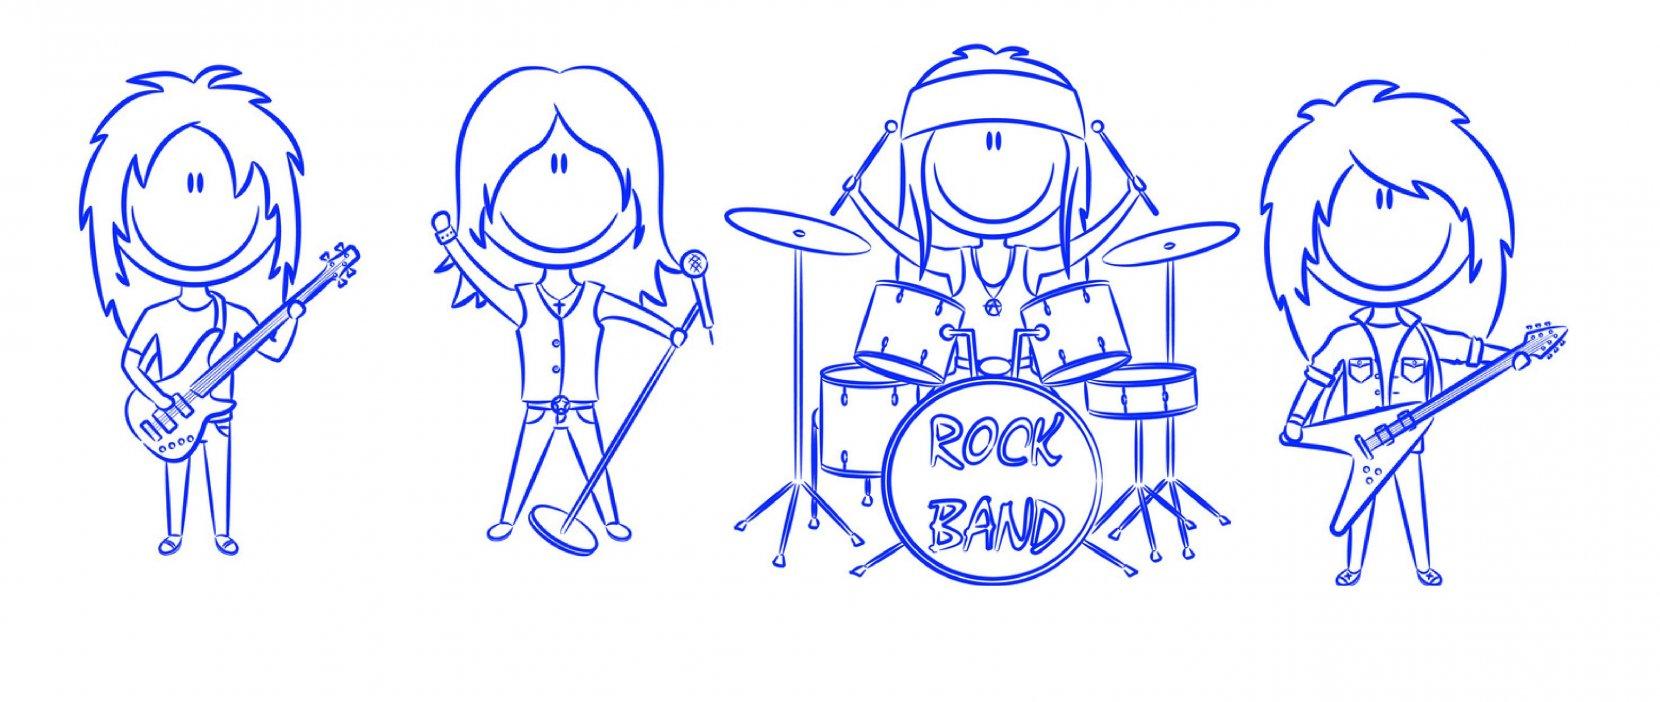 Tegning af Rockband